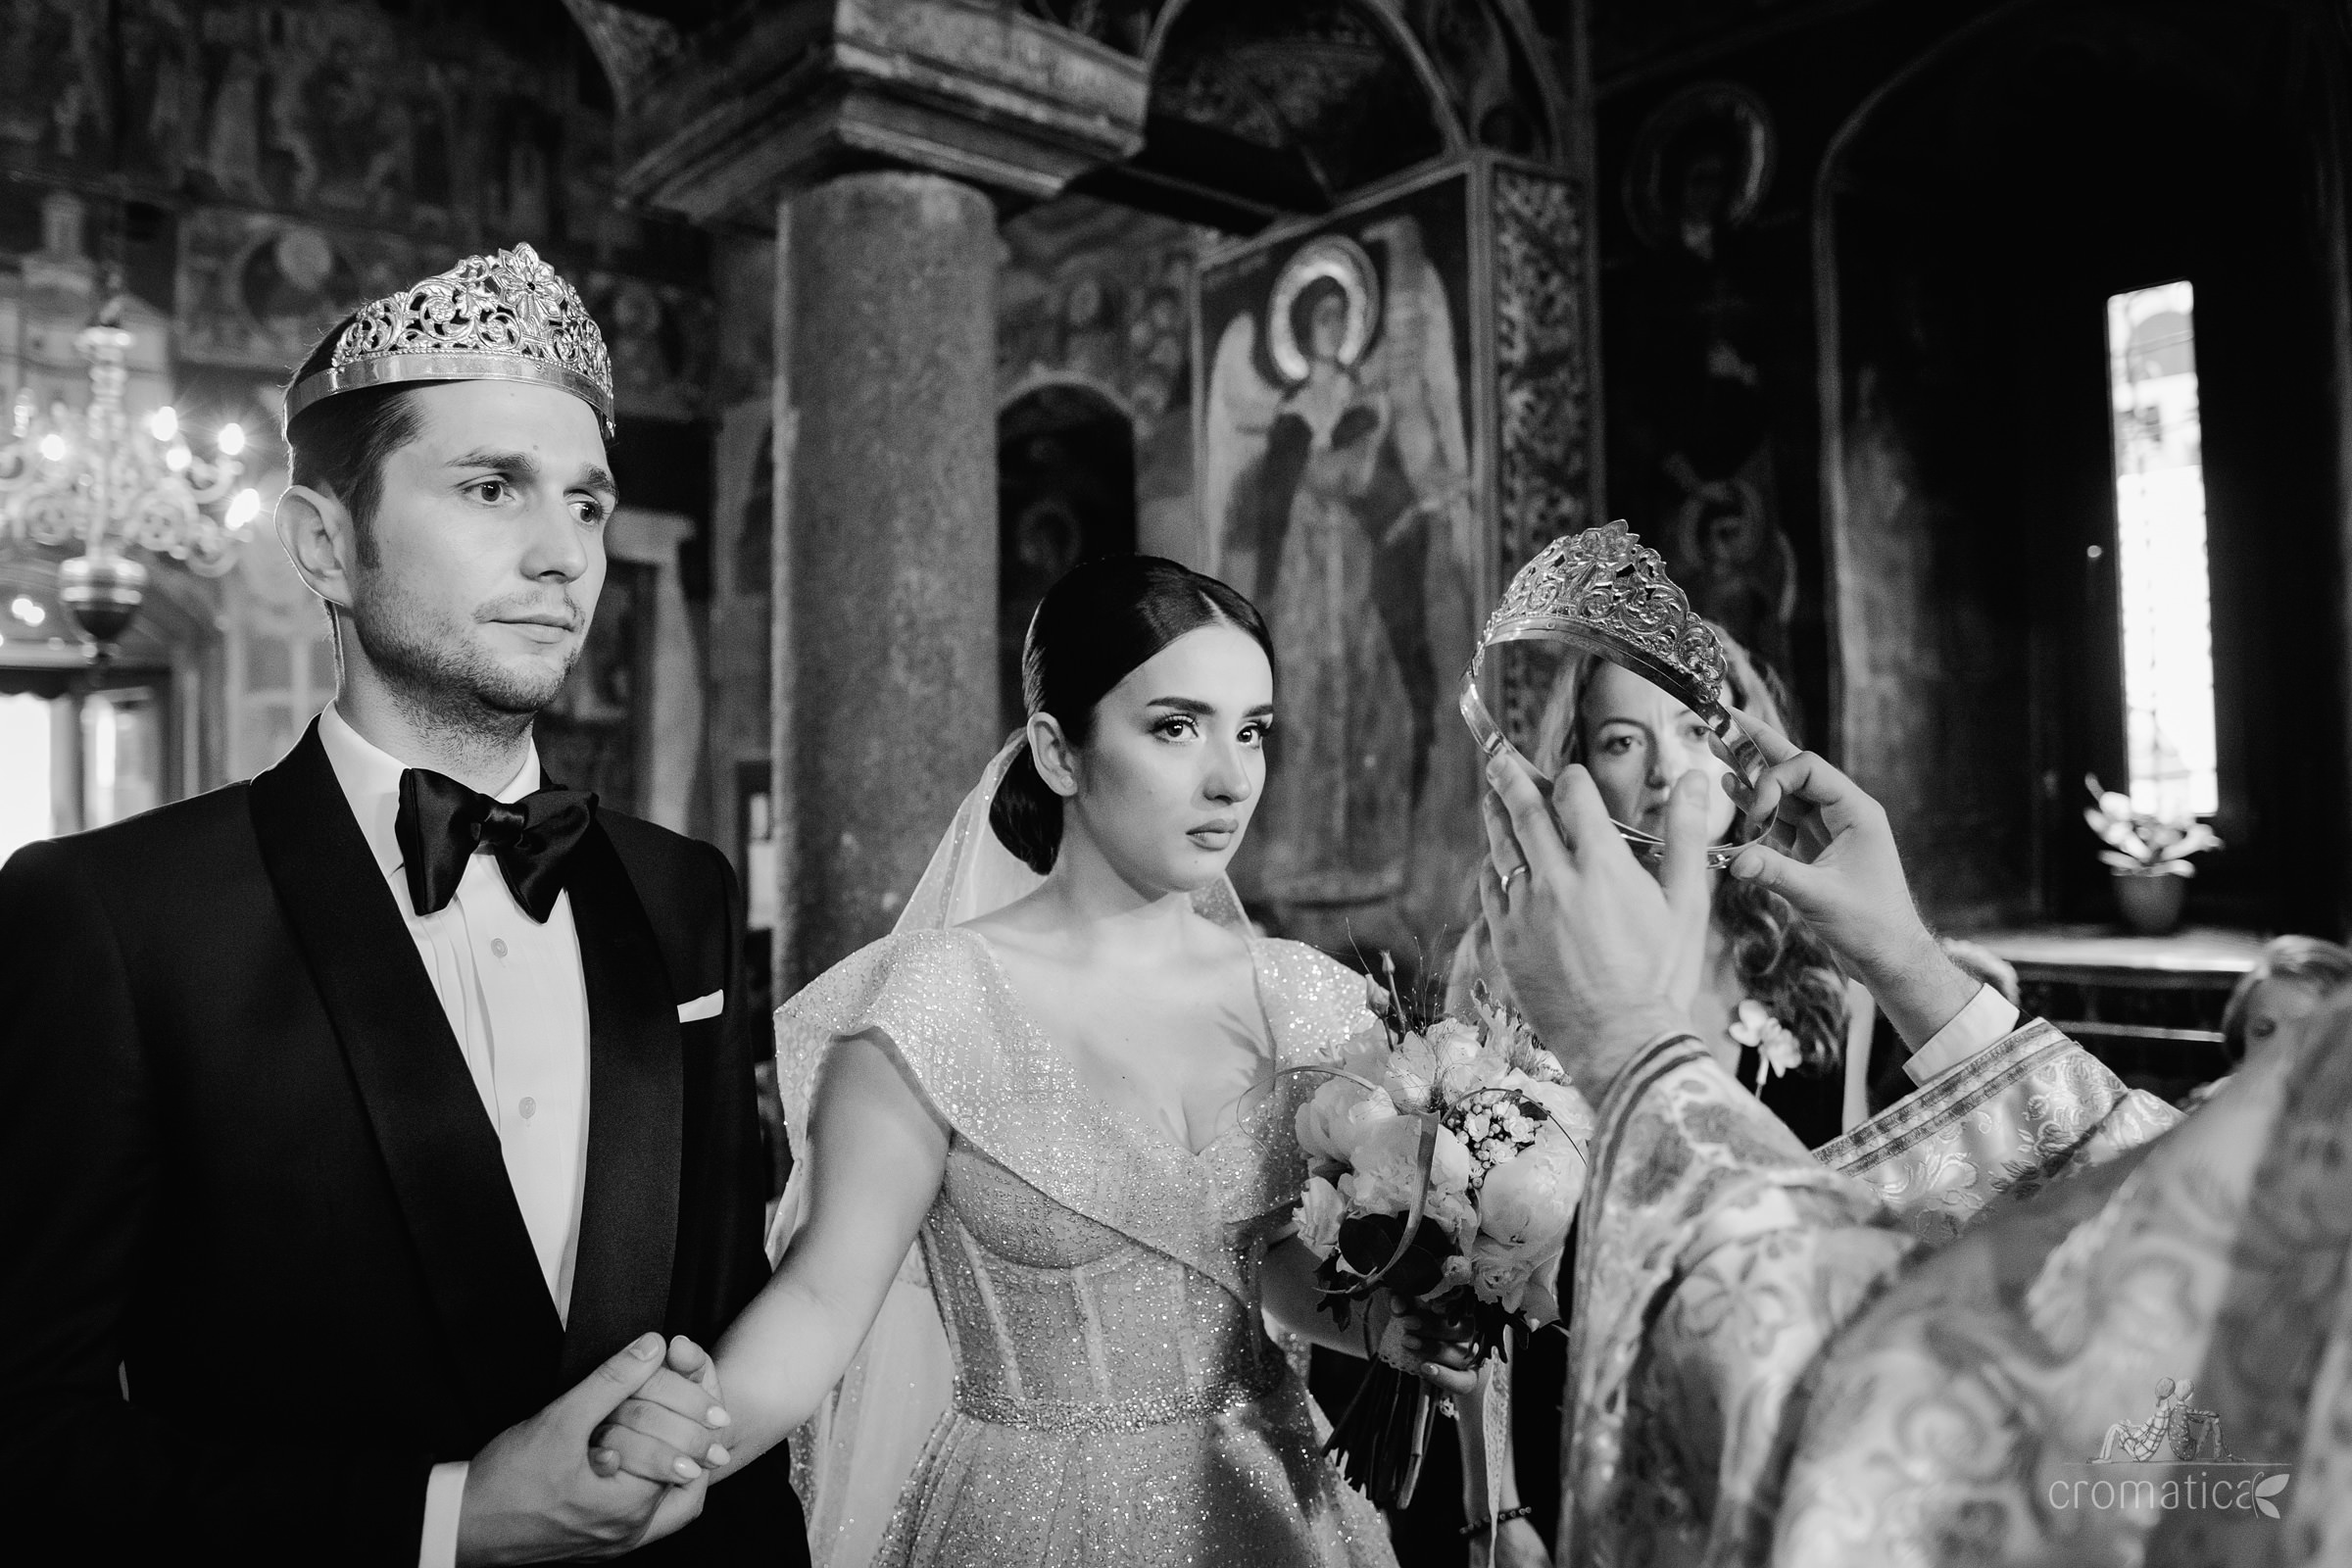 oana alex fotografii nunta rm valcea 027